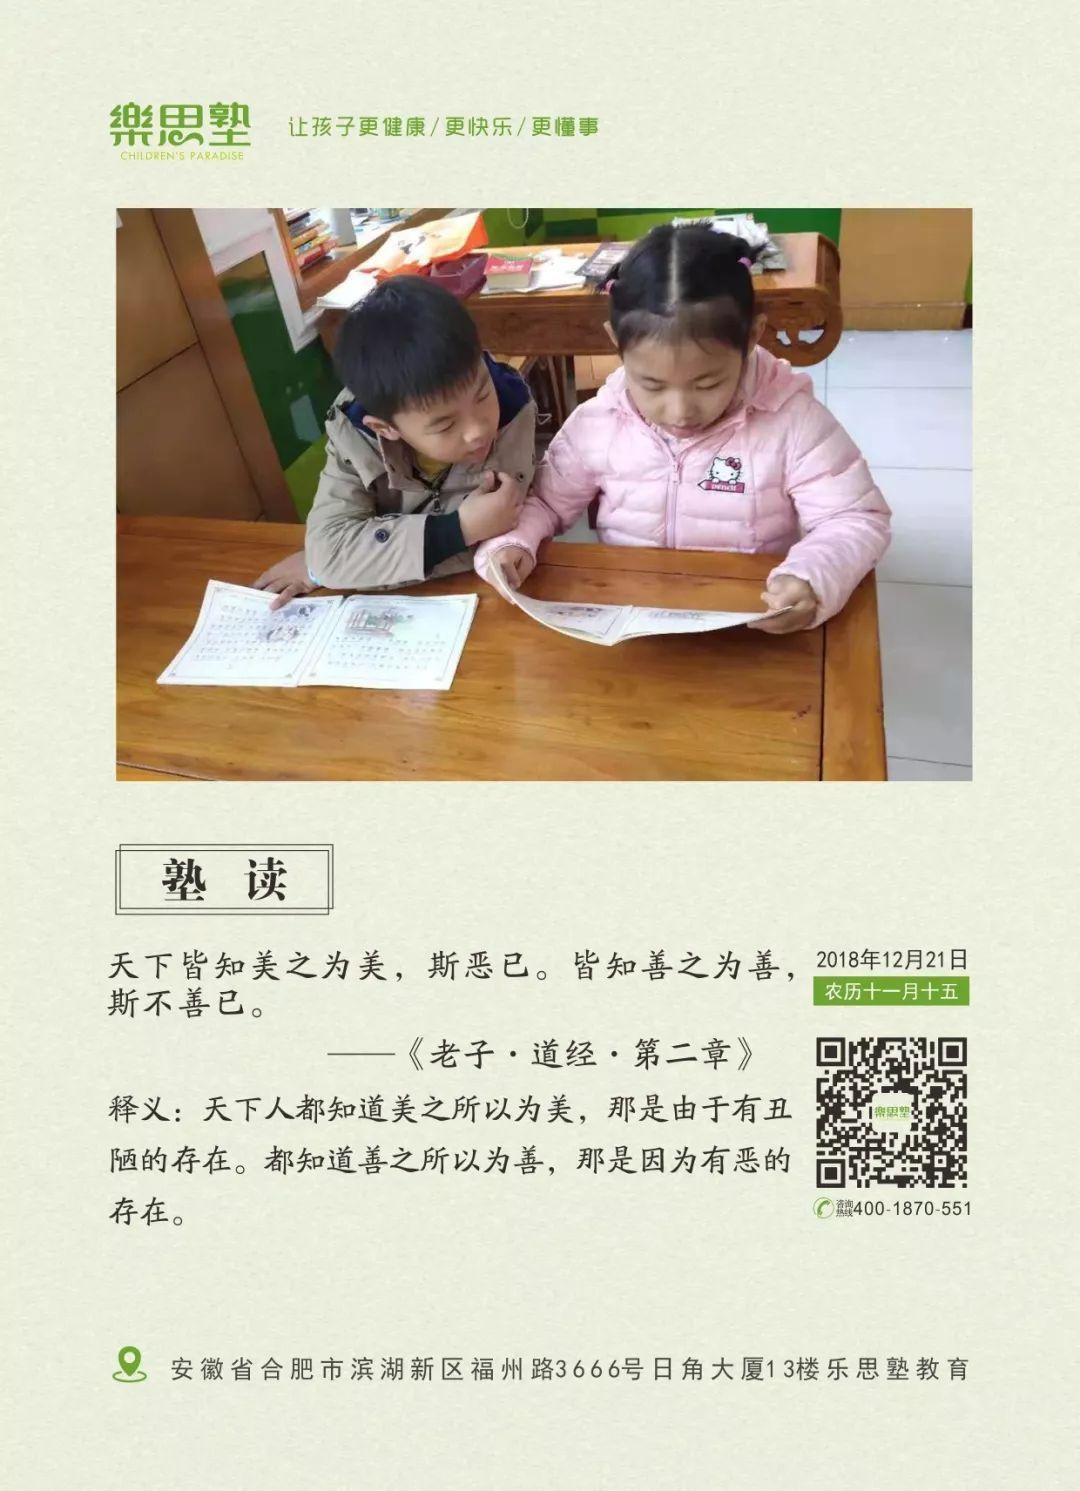 重生之贼行天下最新章节,重生之贼行天下全文阅读 - 八一中文网